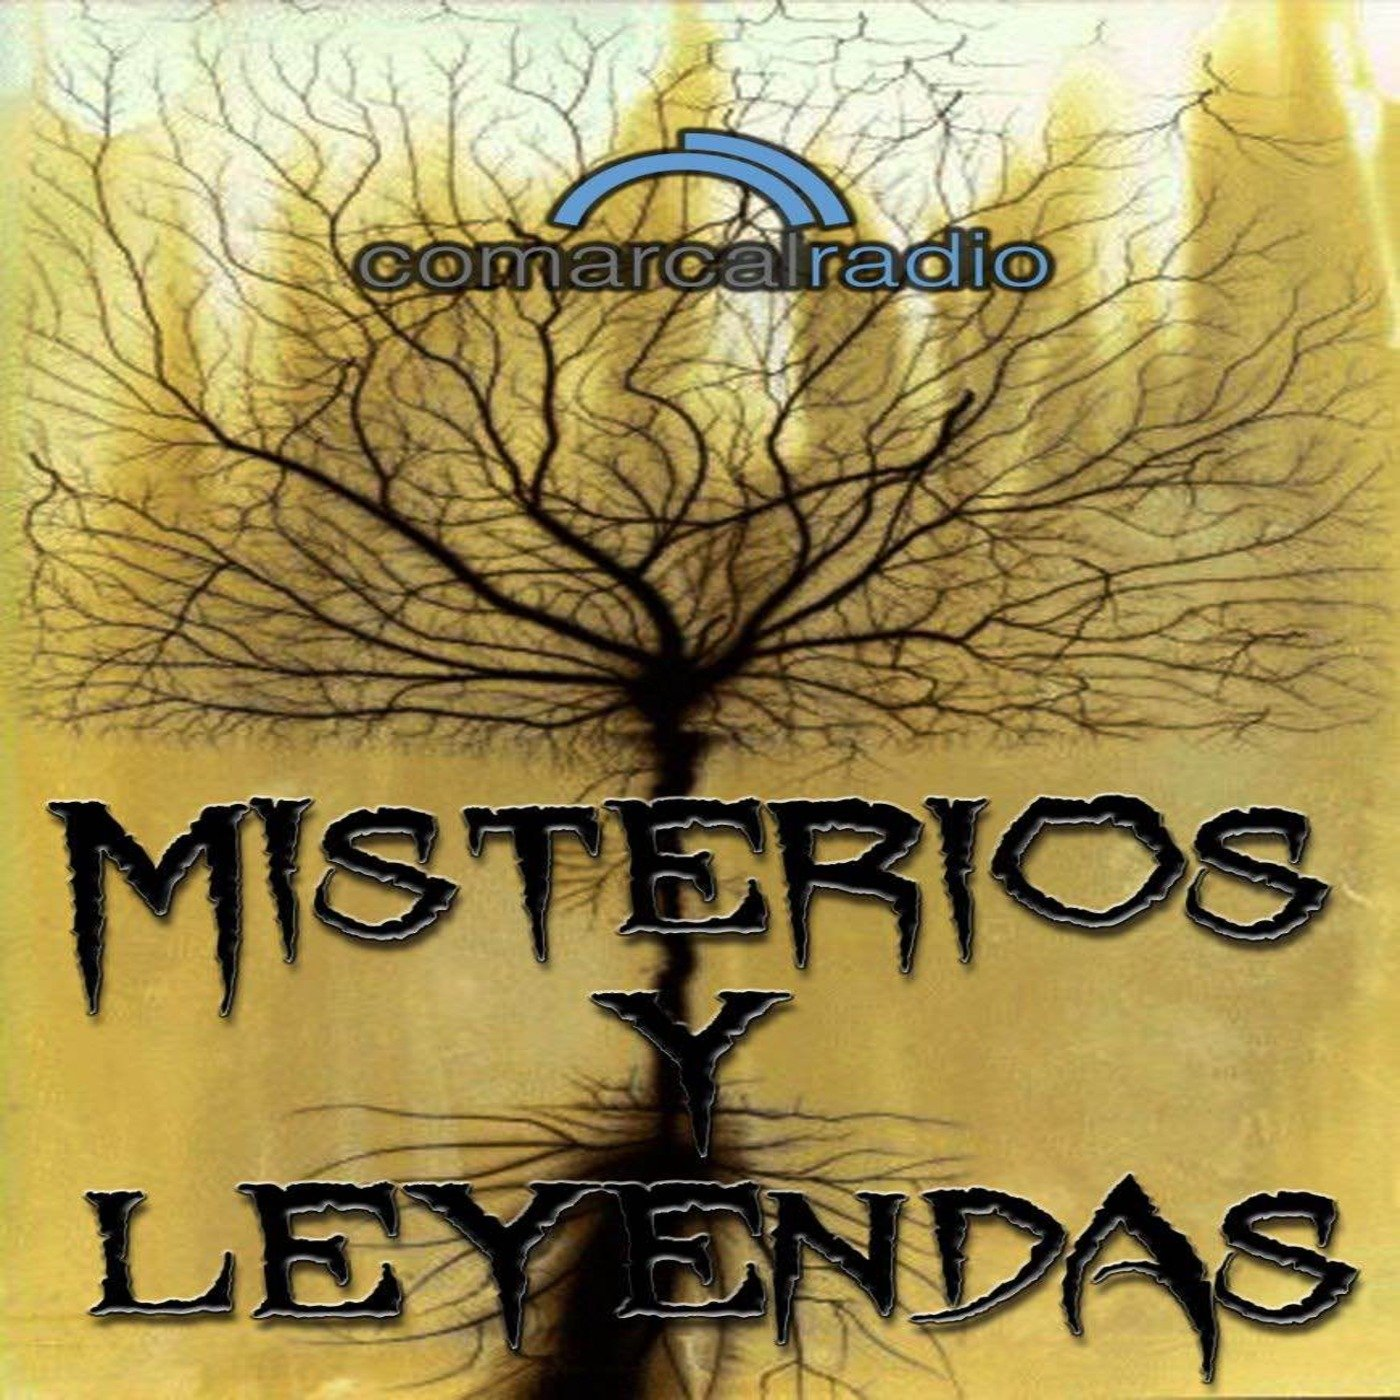 <![CDATA[Misterios  y Leyendas con Raúl Andrés]]>